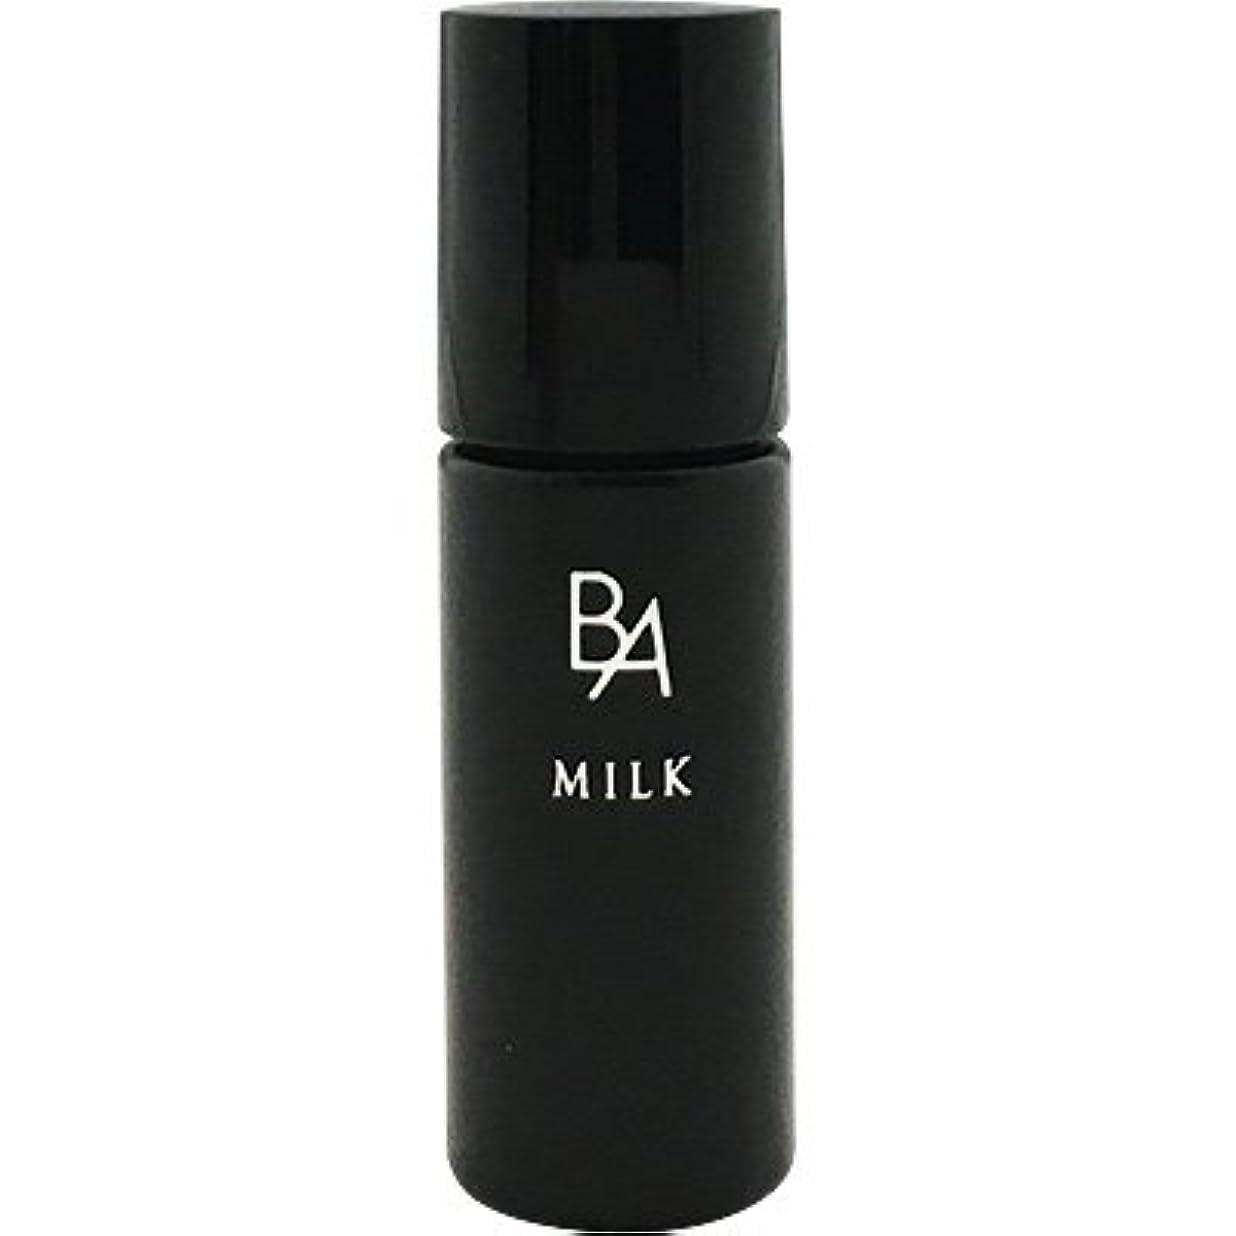 振幅助けて保証するポーラ・B.A ミルク ミニ 8ml (乳液) [並行輸入品]